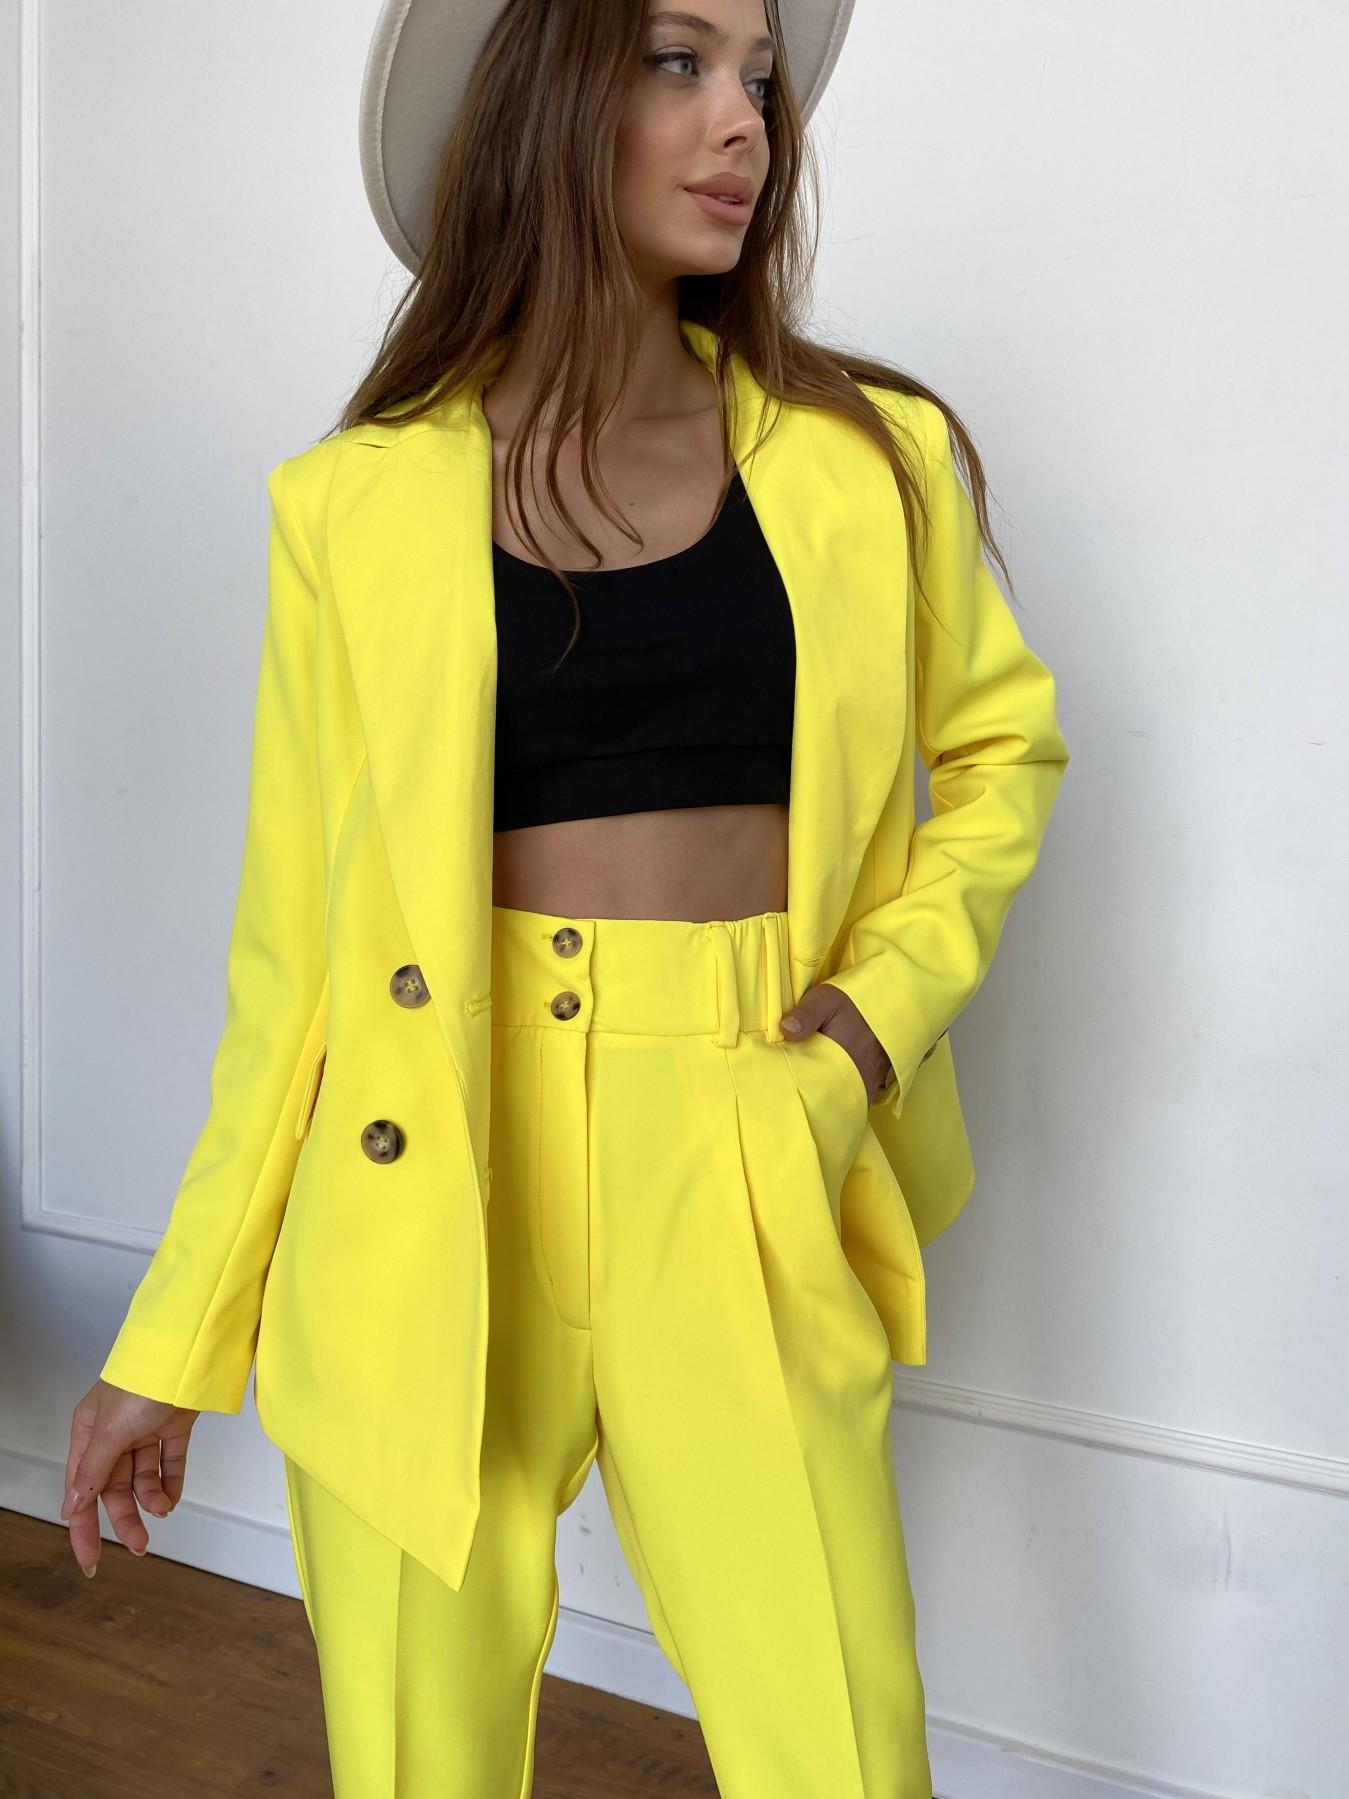 Франко костюм из костюмной ткани 11090 АРТ. 47907 Цвет: Желтый 10 - фото 4, интернет магазин tm-modus.ru